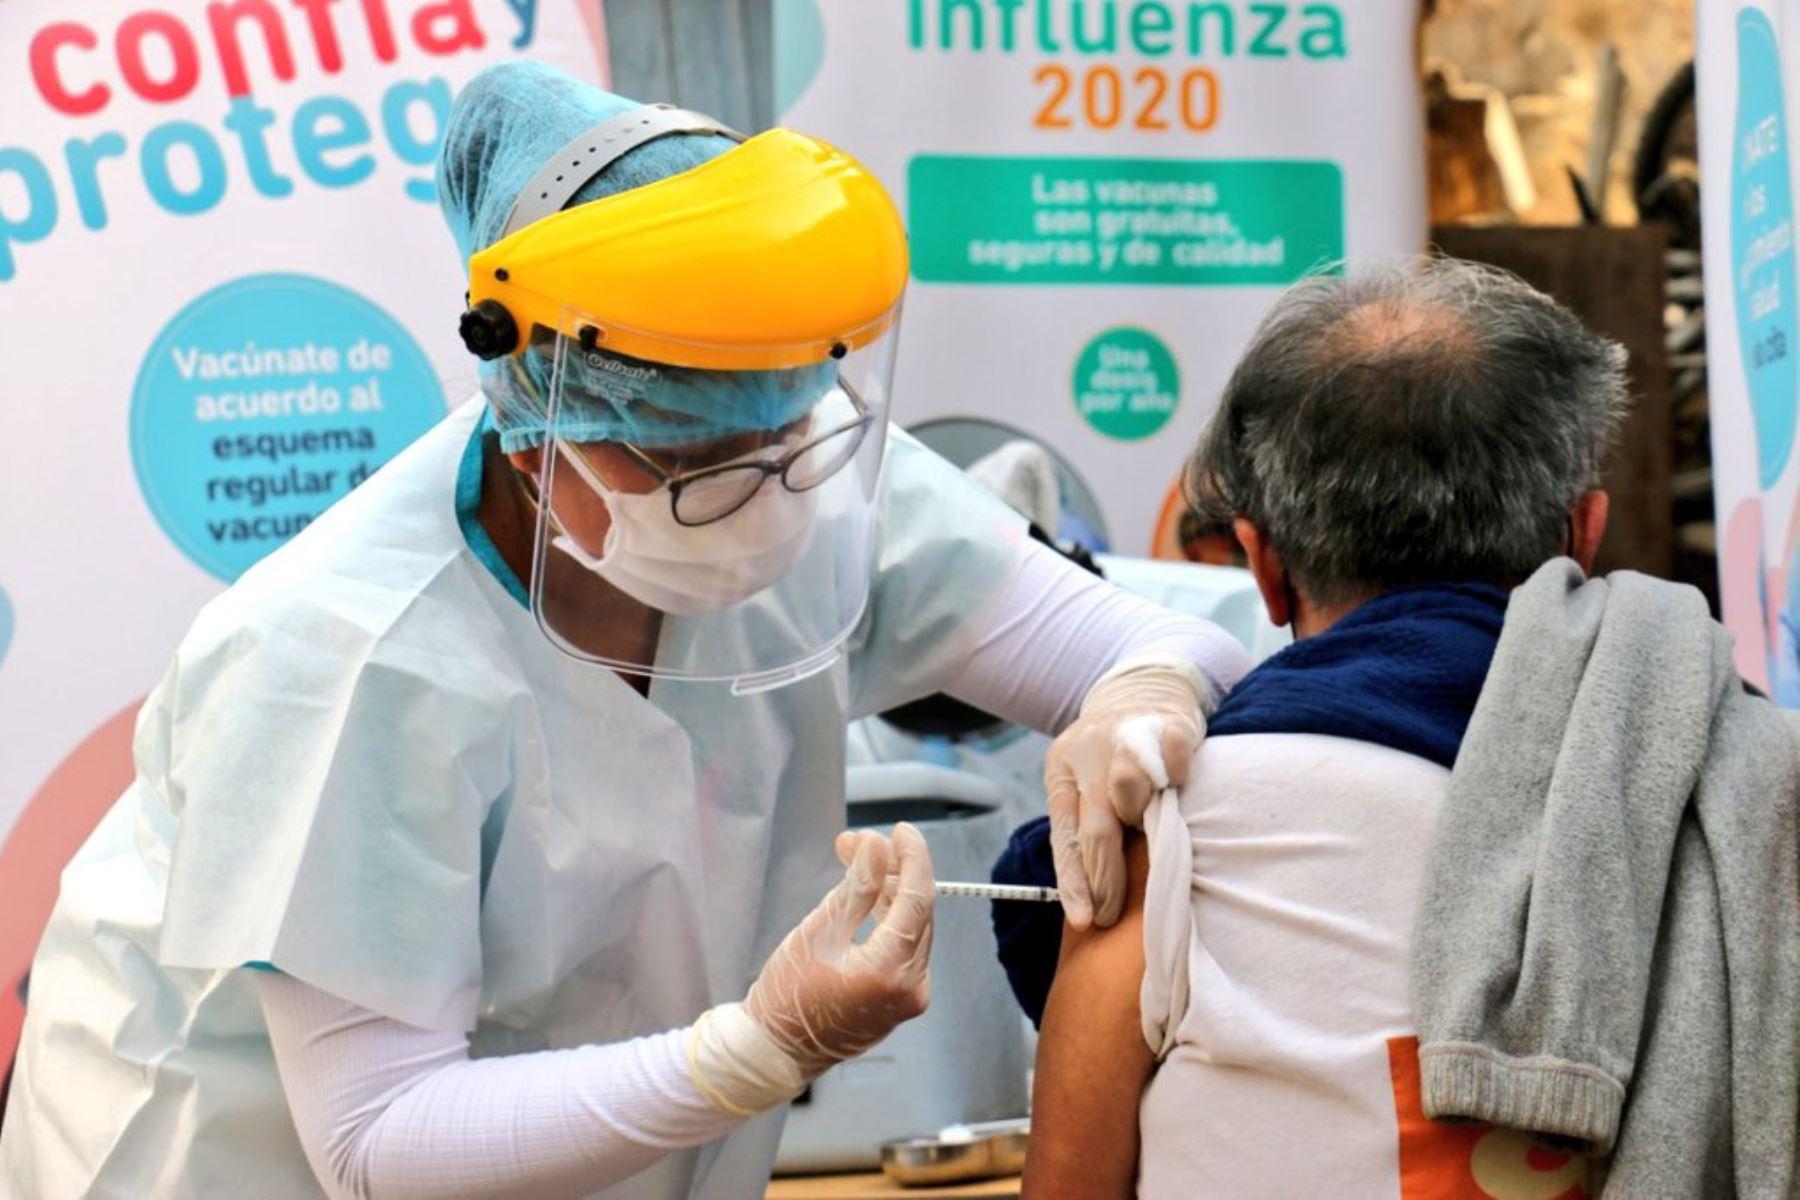 El ministerio de Salud presentó el Punto Estratégico Popular de Vacunación en el comedor Sara Rodríguez en San Juan de Lurigancho, donde se brindará atención a menores de 5 años, gestantes y adultos mayores de 60 años.  Foto: ANDINA/MINSA